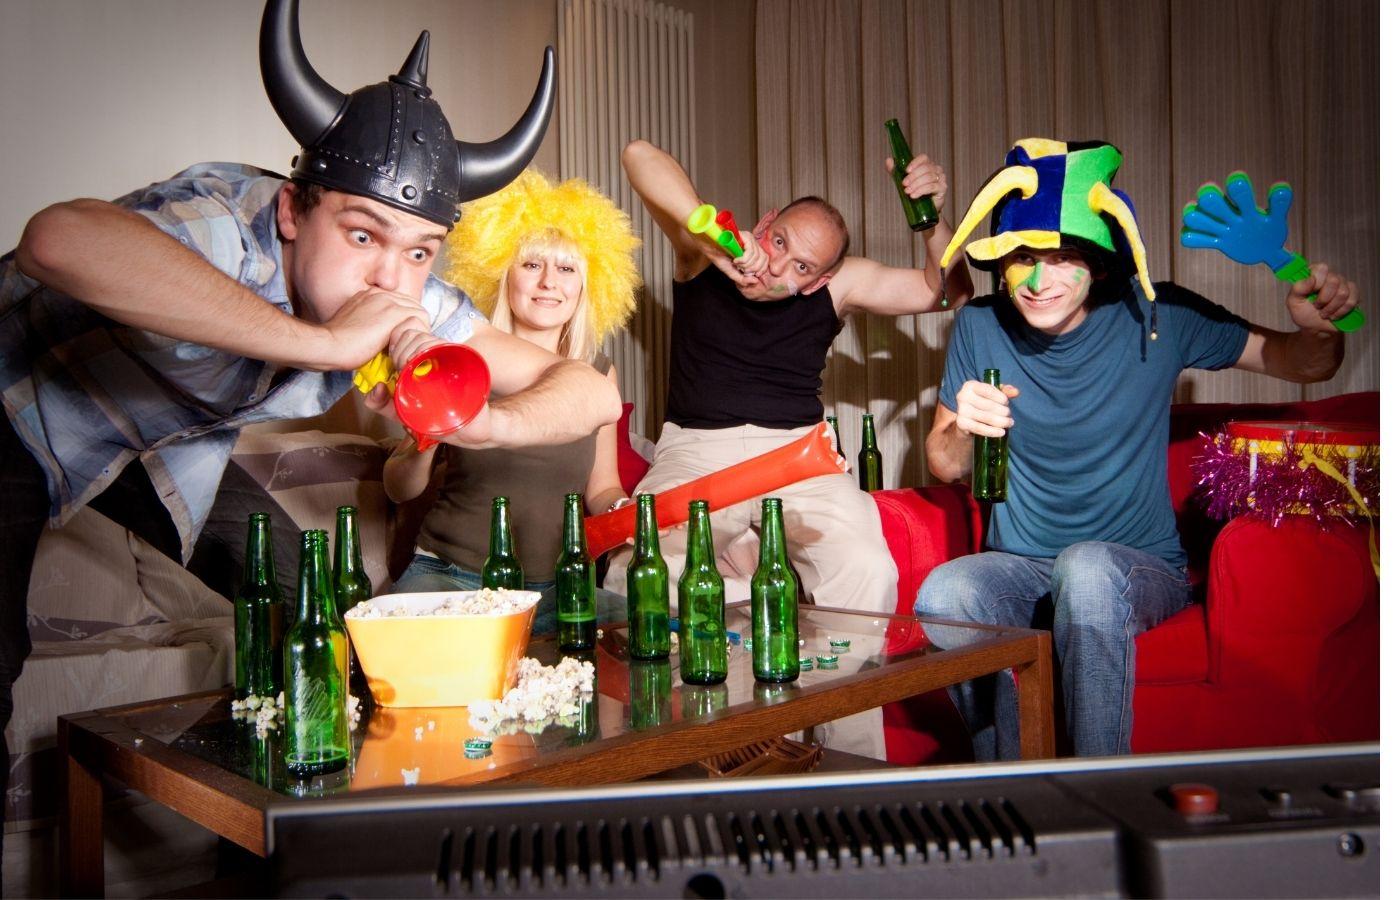 Červencové sportovní události, které sledovat | Sportbiz